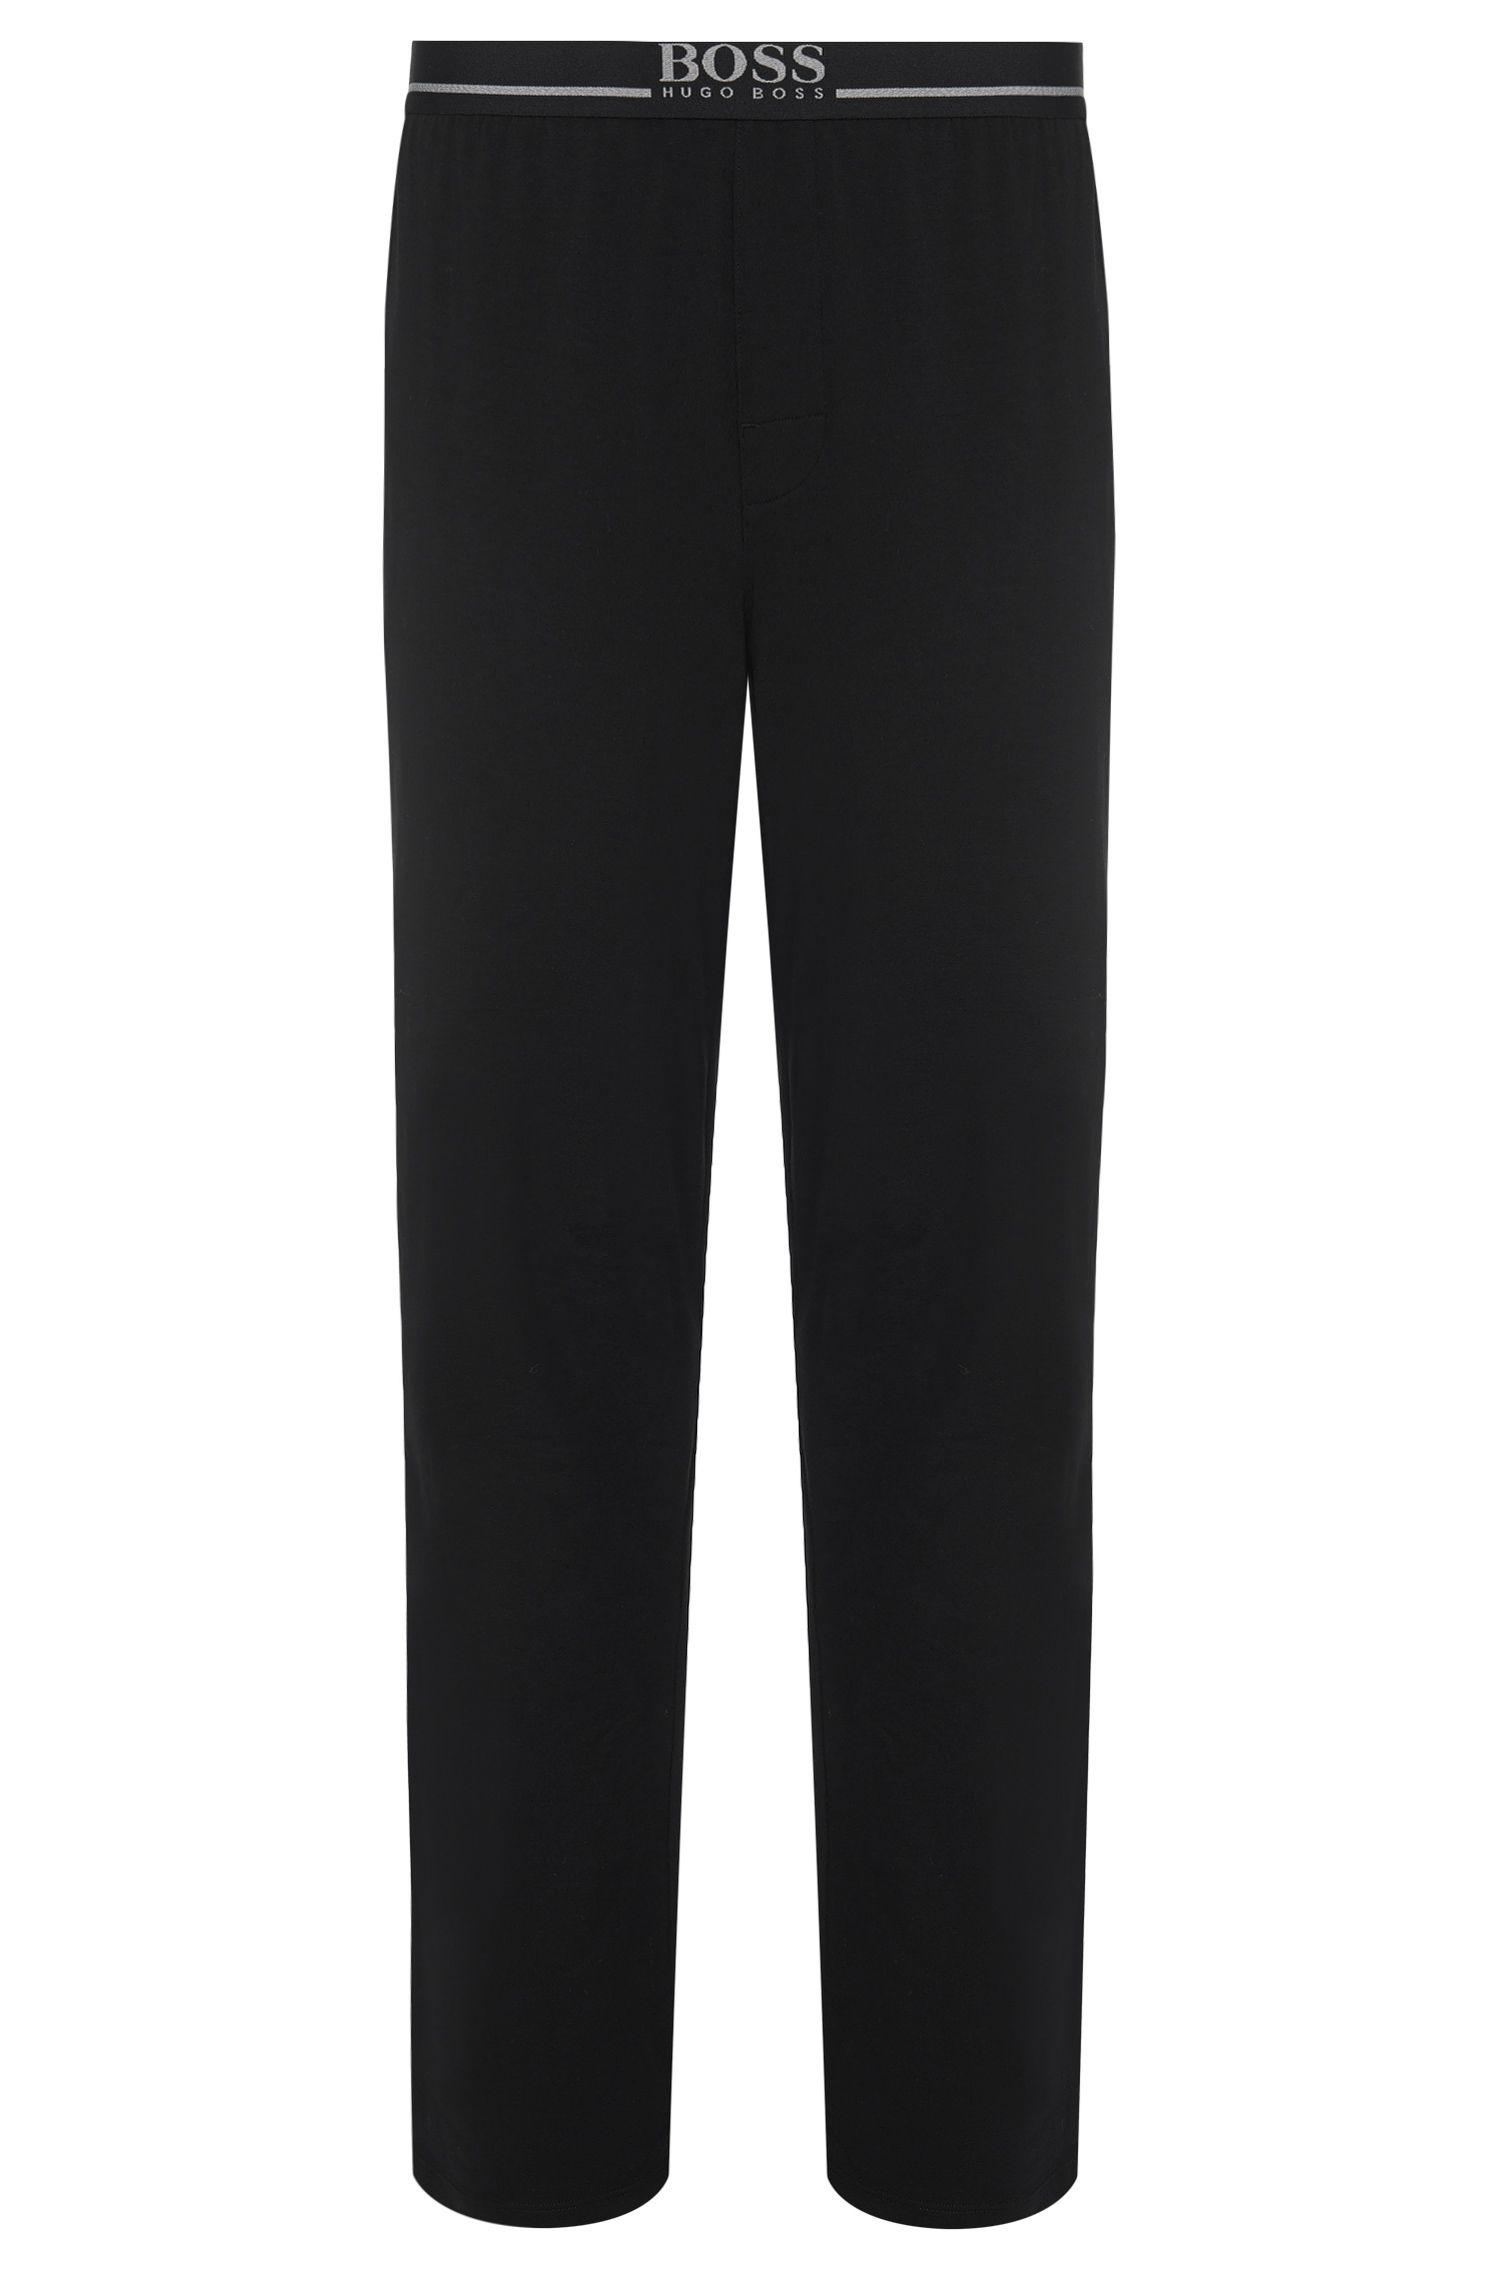 Jogging-Hose aus elastischem Baumwoll-Jersey, Schwarz